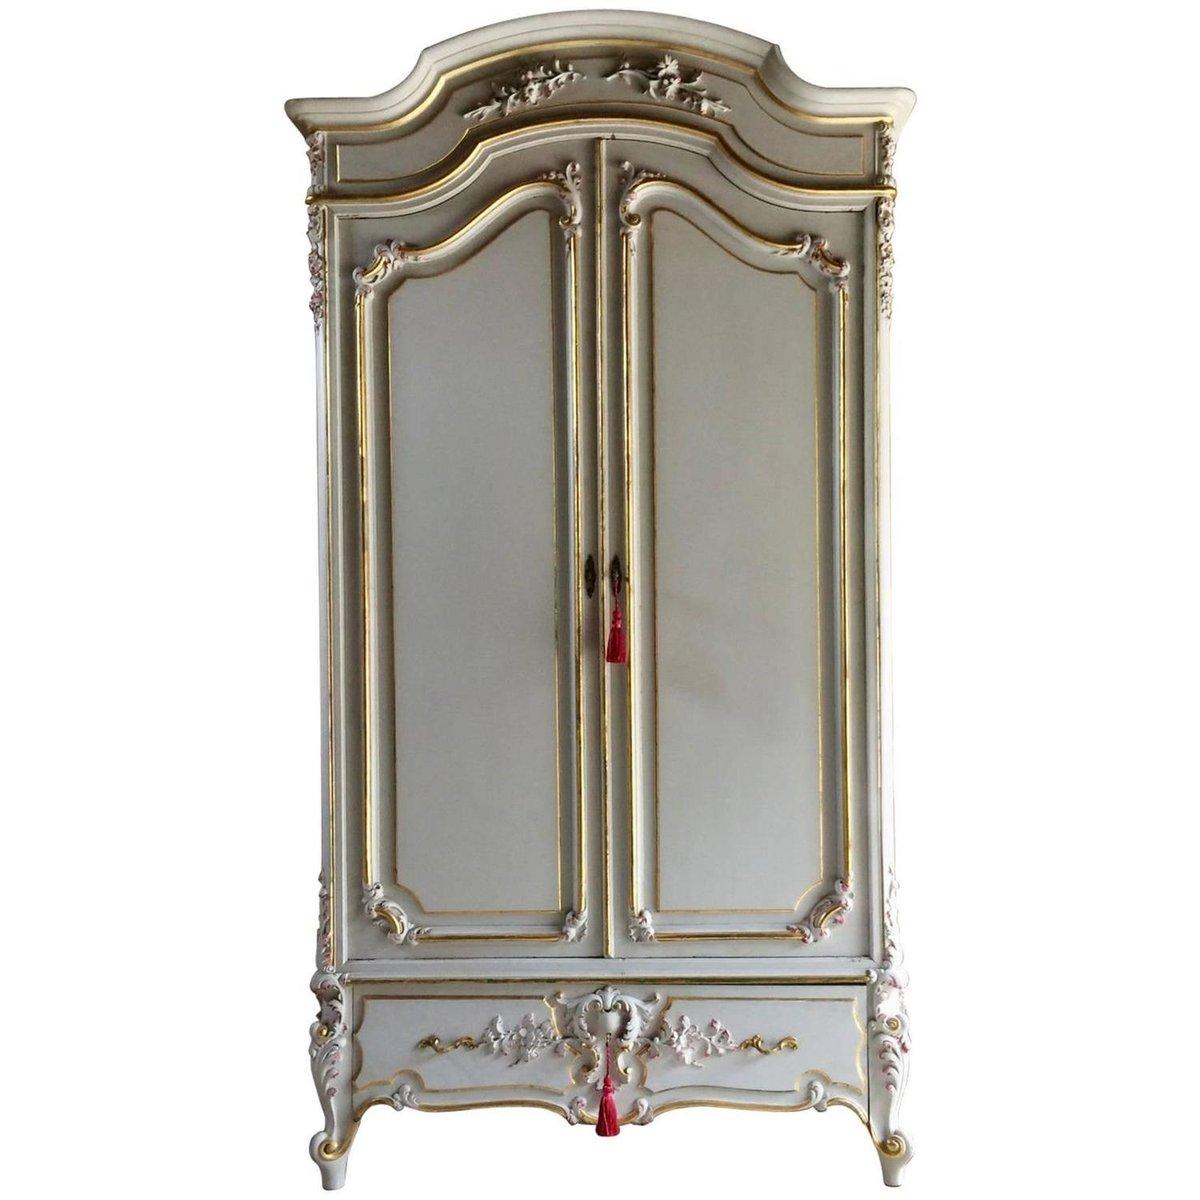 franz sischer vintage kleiderschrank mit spiegel bei. Black Bedroom Furniture Sets. Home Design Ideas